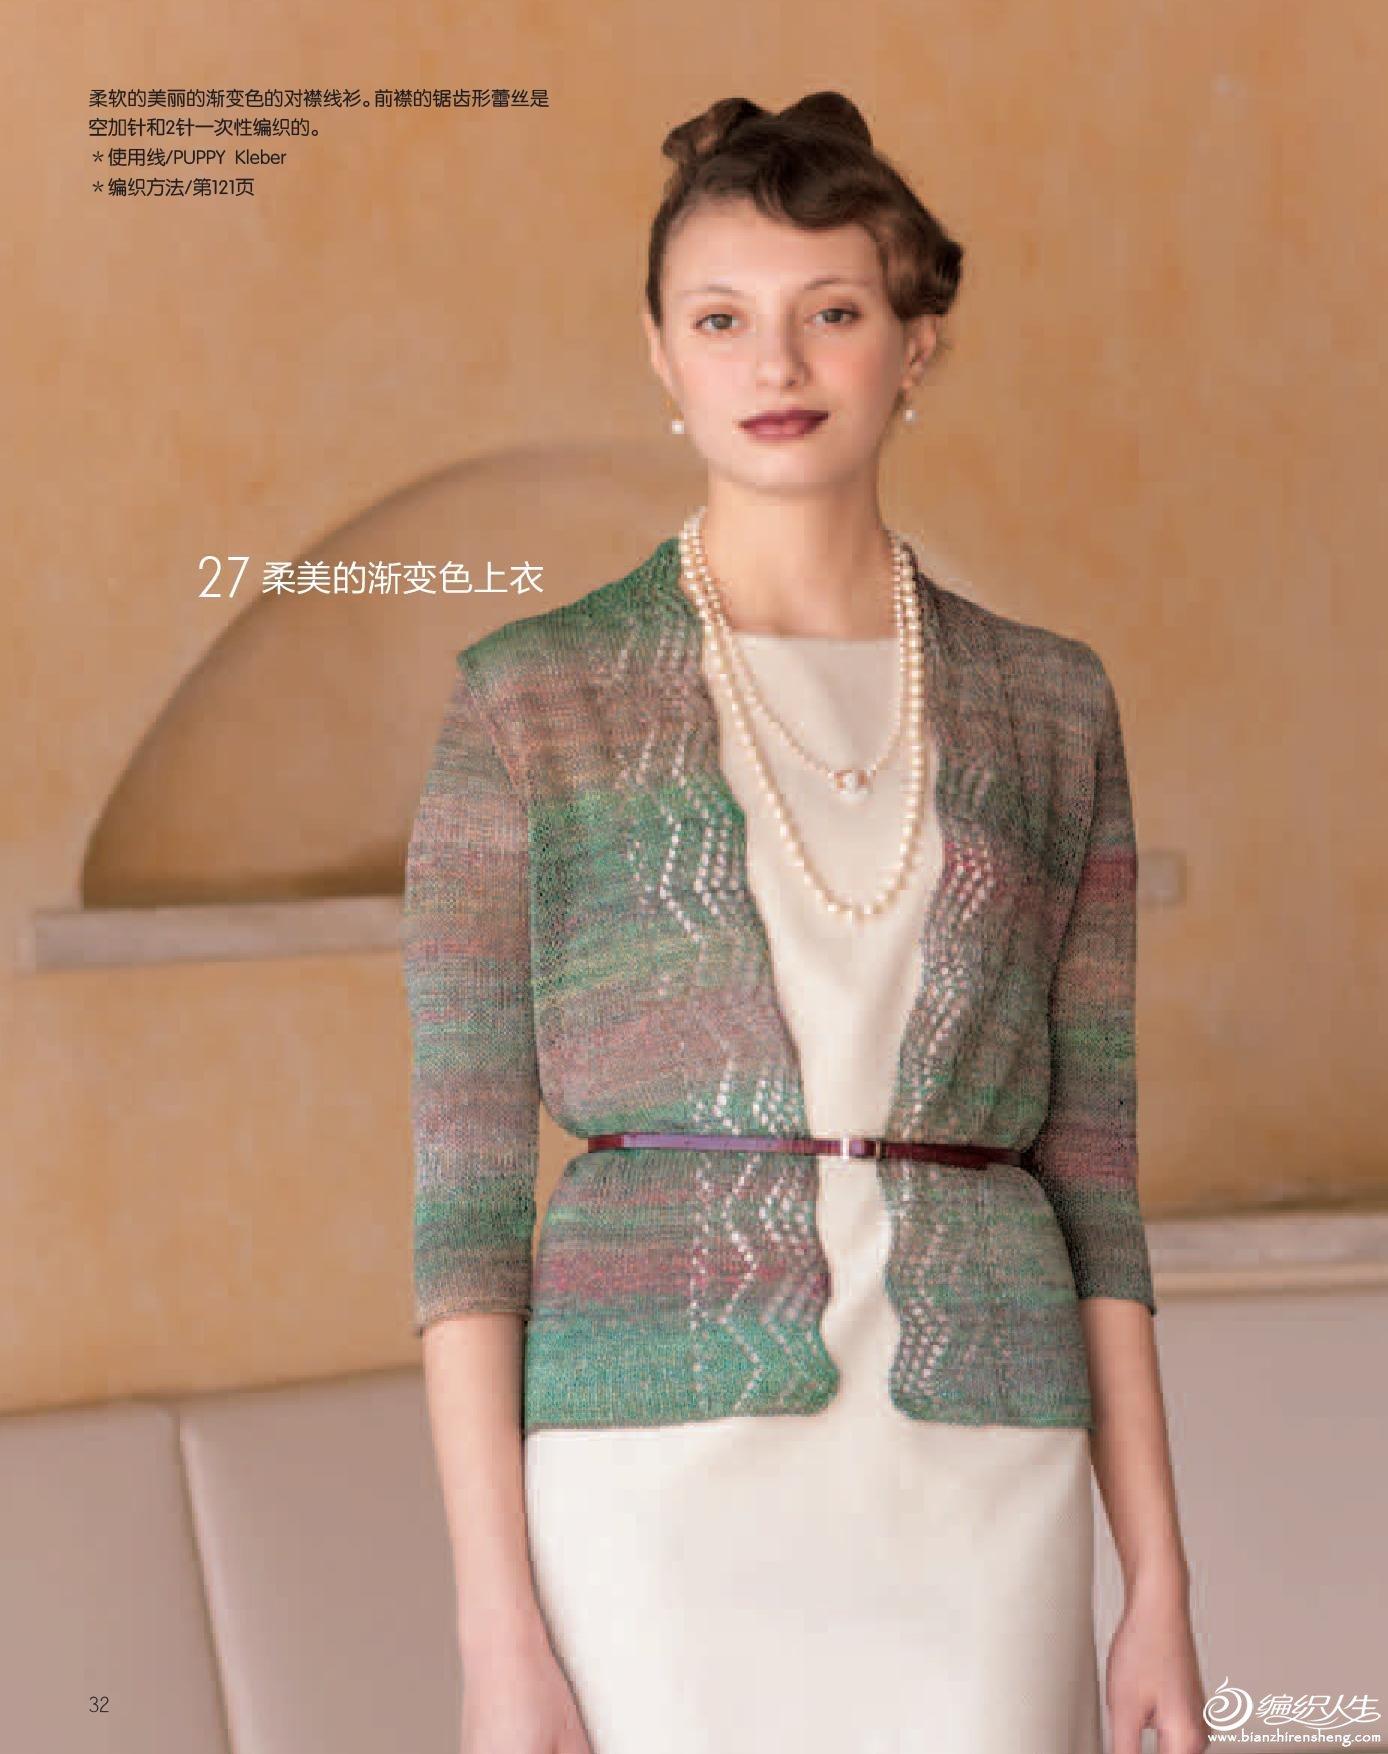 世界编织1 蕾丝编织的美丽世界-32.jpg